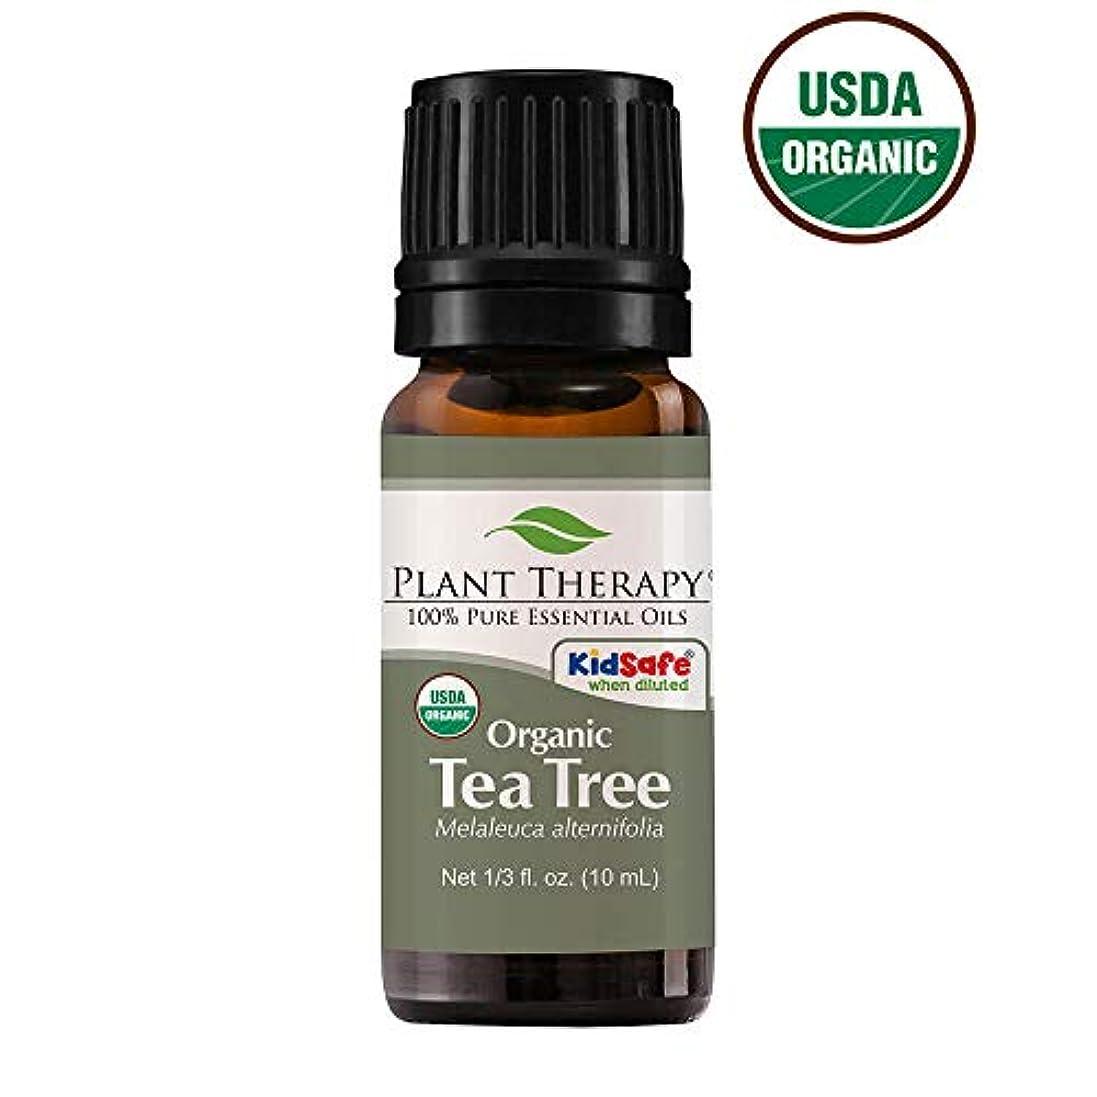 軸デザイナー重要性Plant Therapy Essential Oils (プラントセラピー エッセンシャルオイル) オーガニック ティーツリー (メラルーカ) エッセンシャルオイル